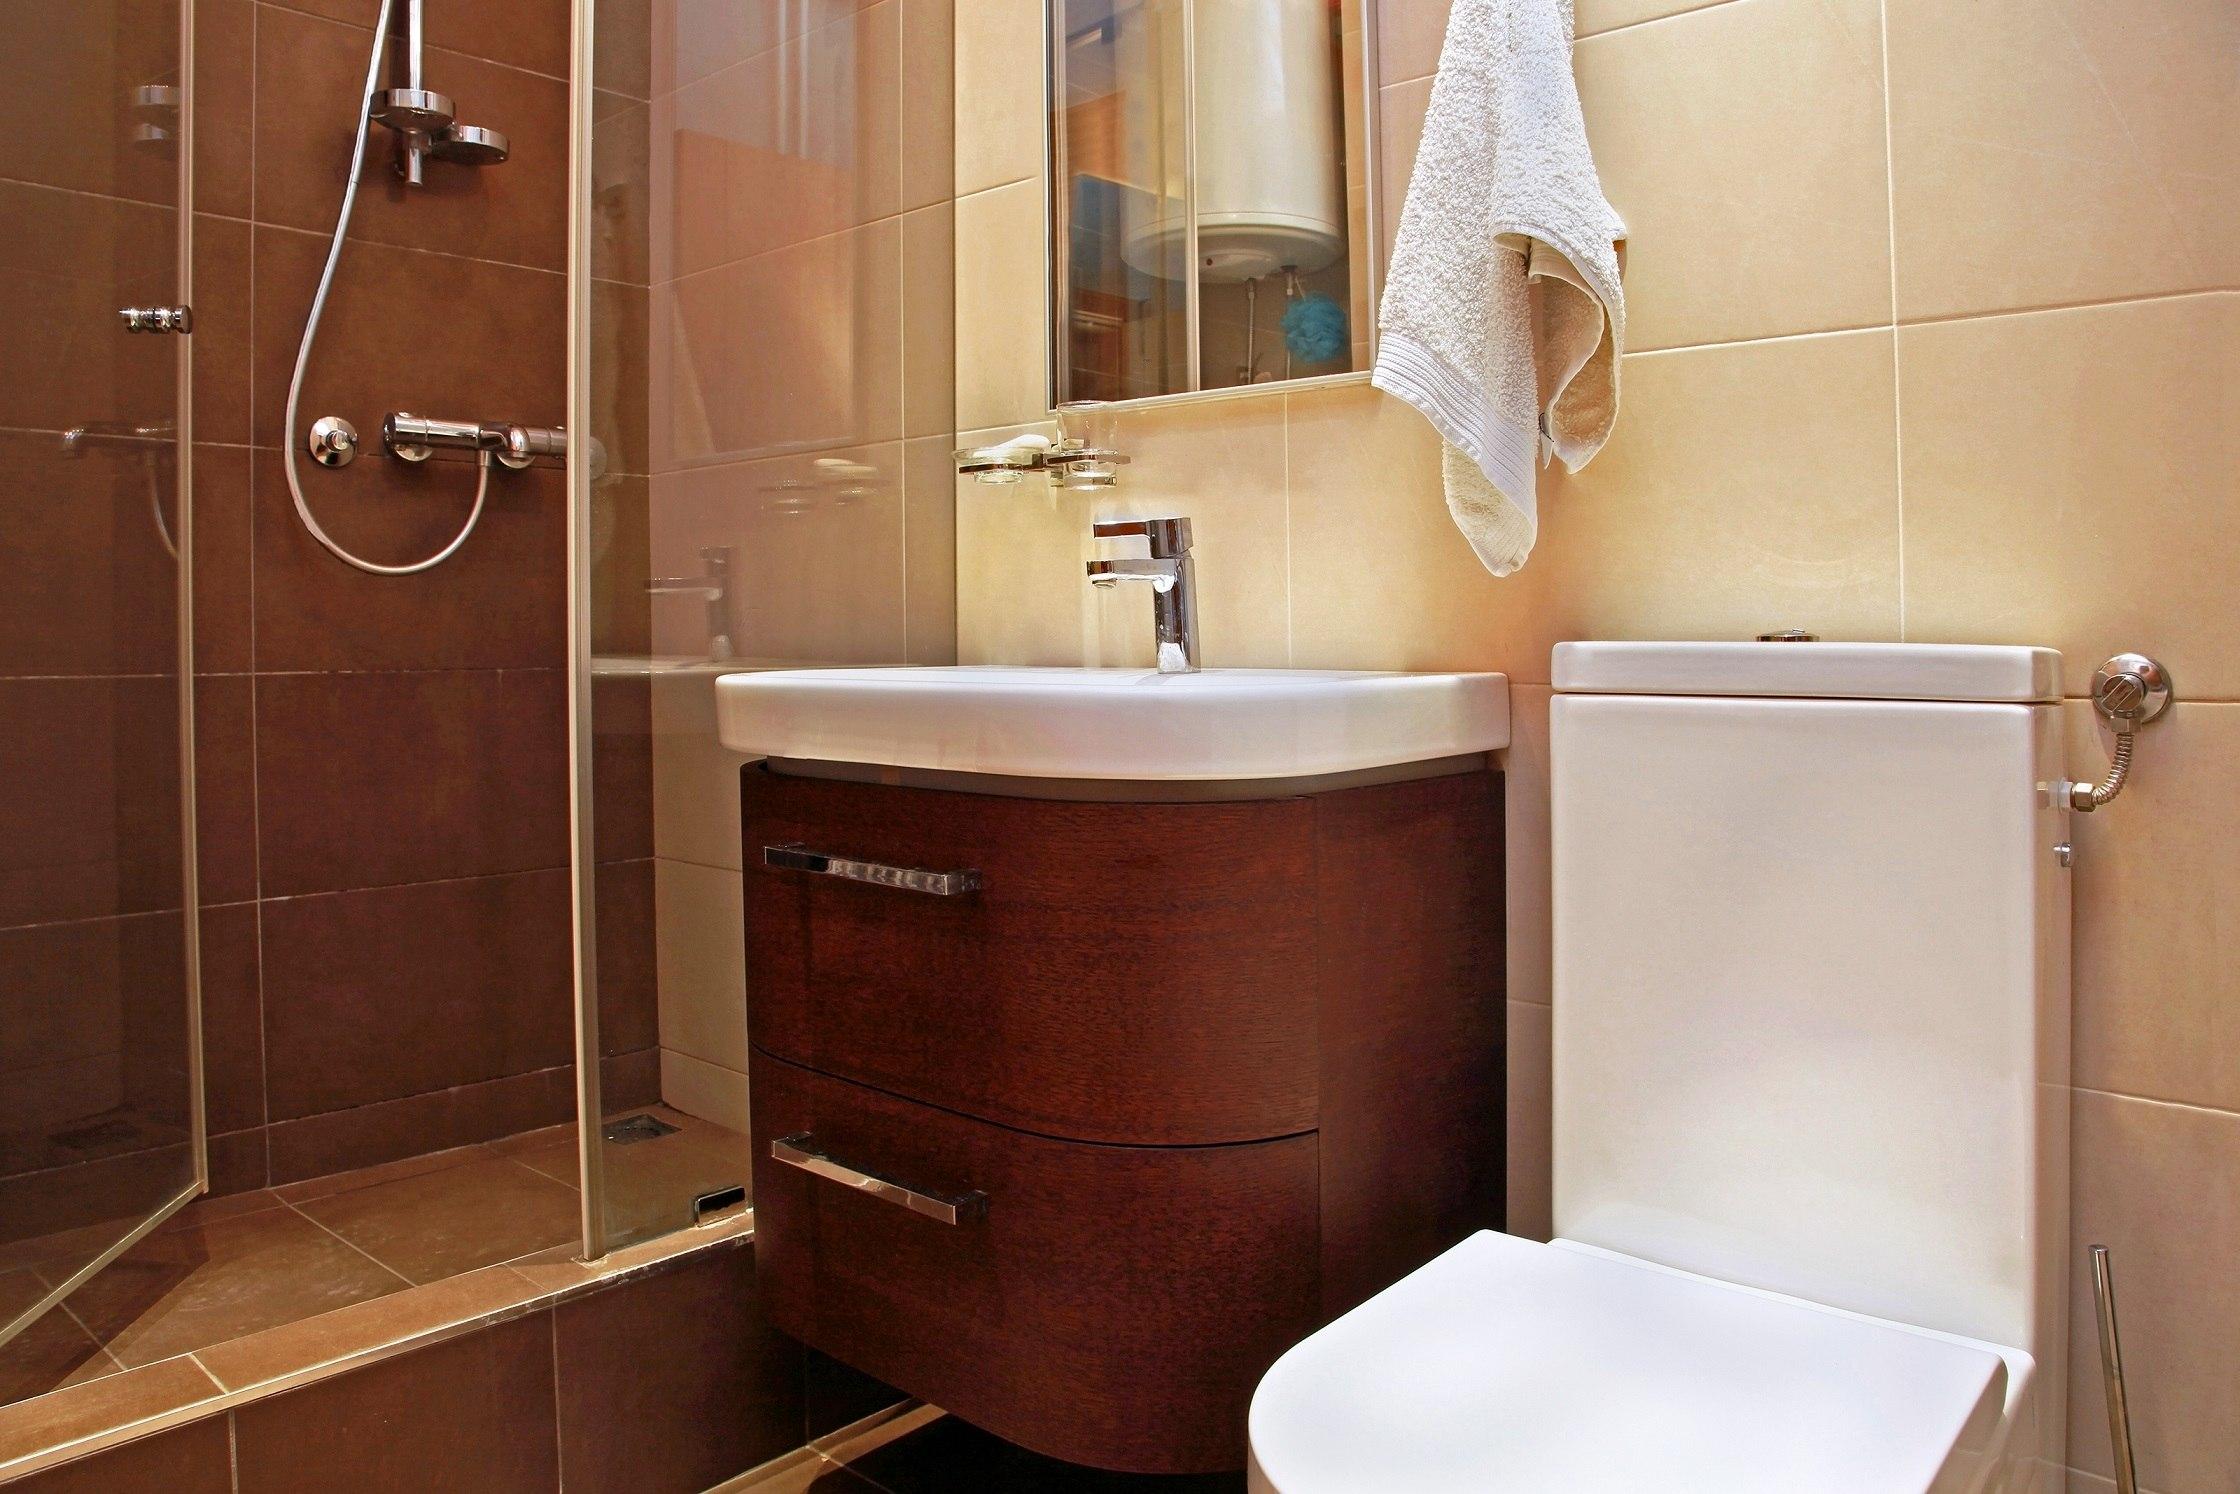 Epic Small modern bathroom